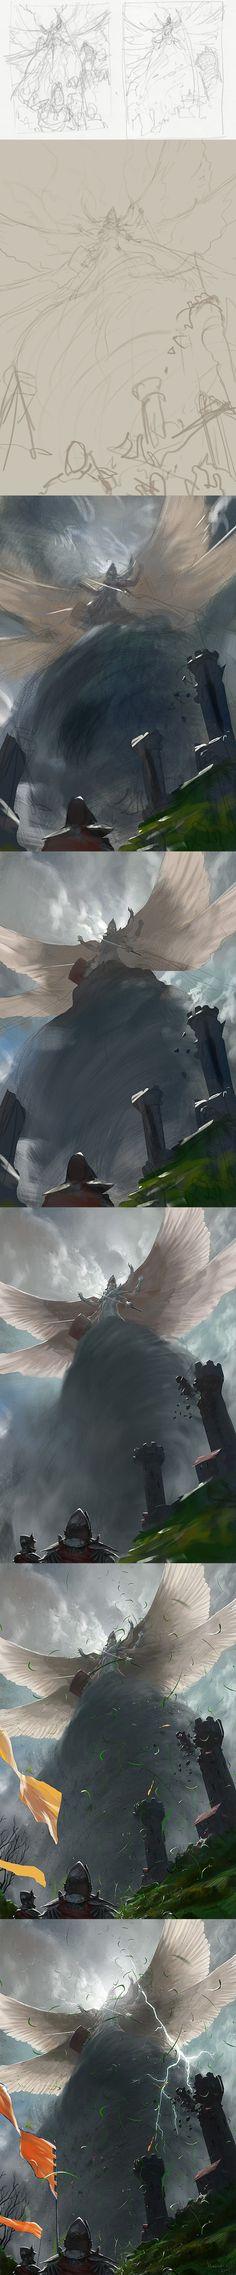 Rift Colossus - Steps by *algenpfleger on deviantART